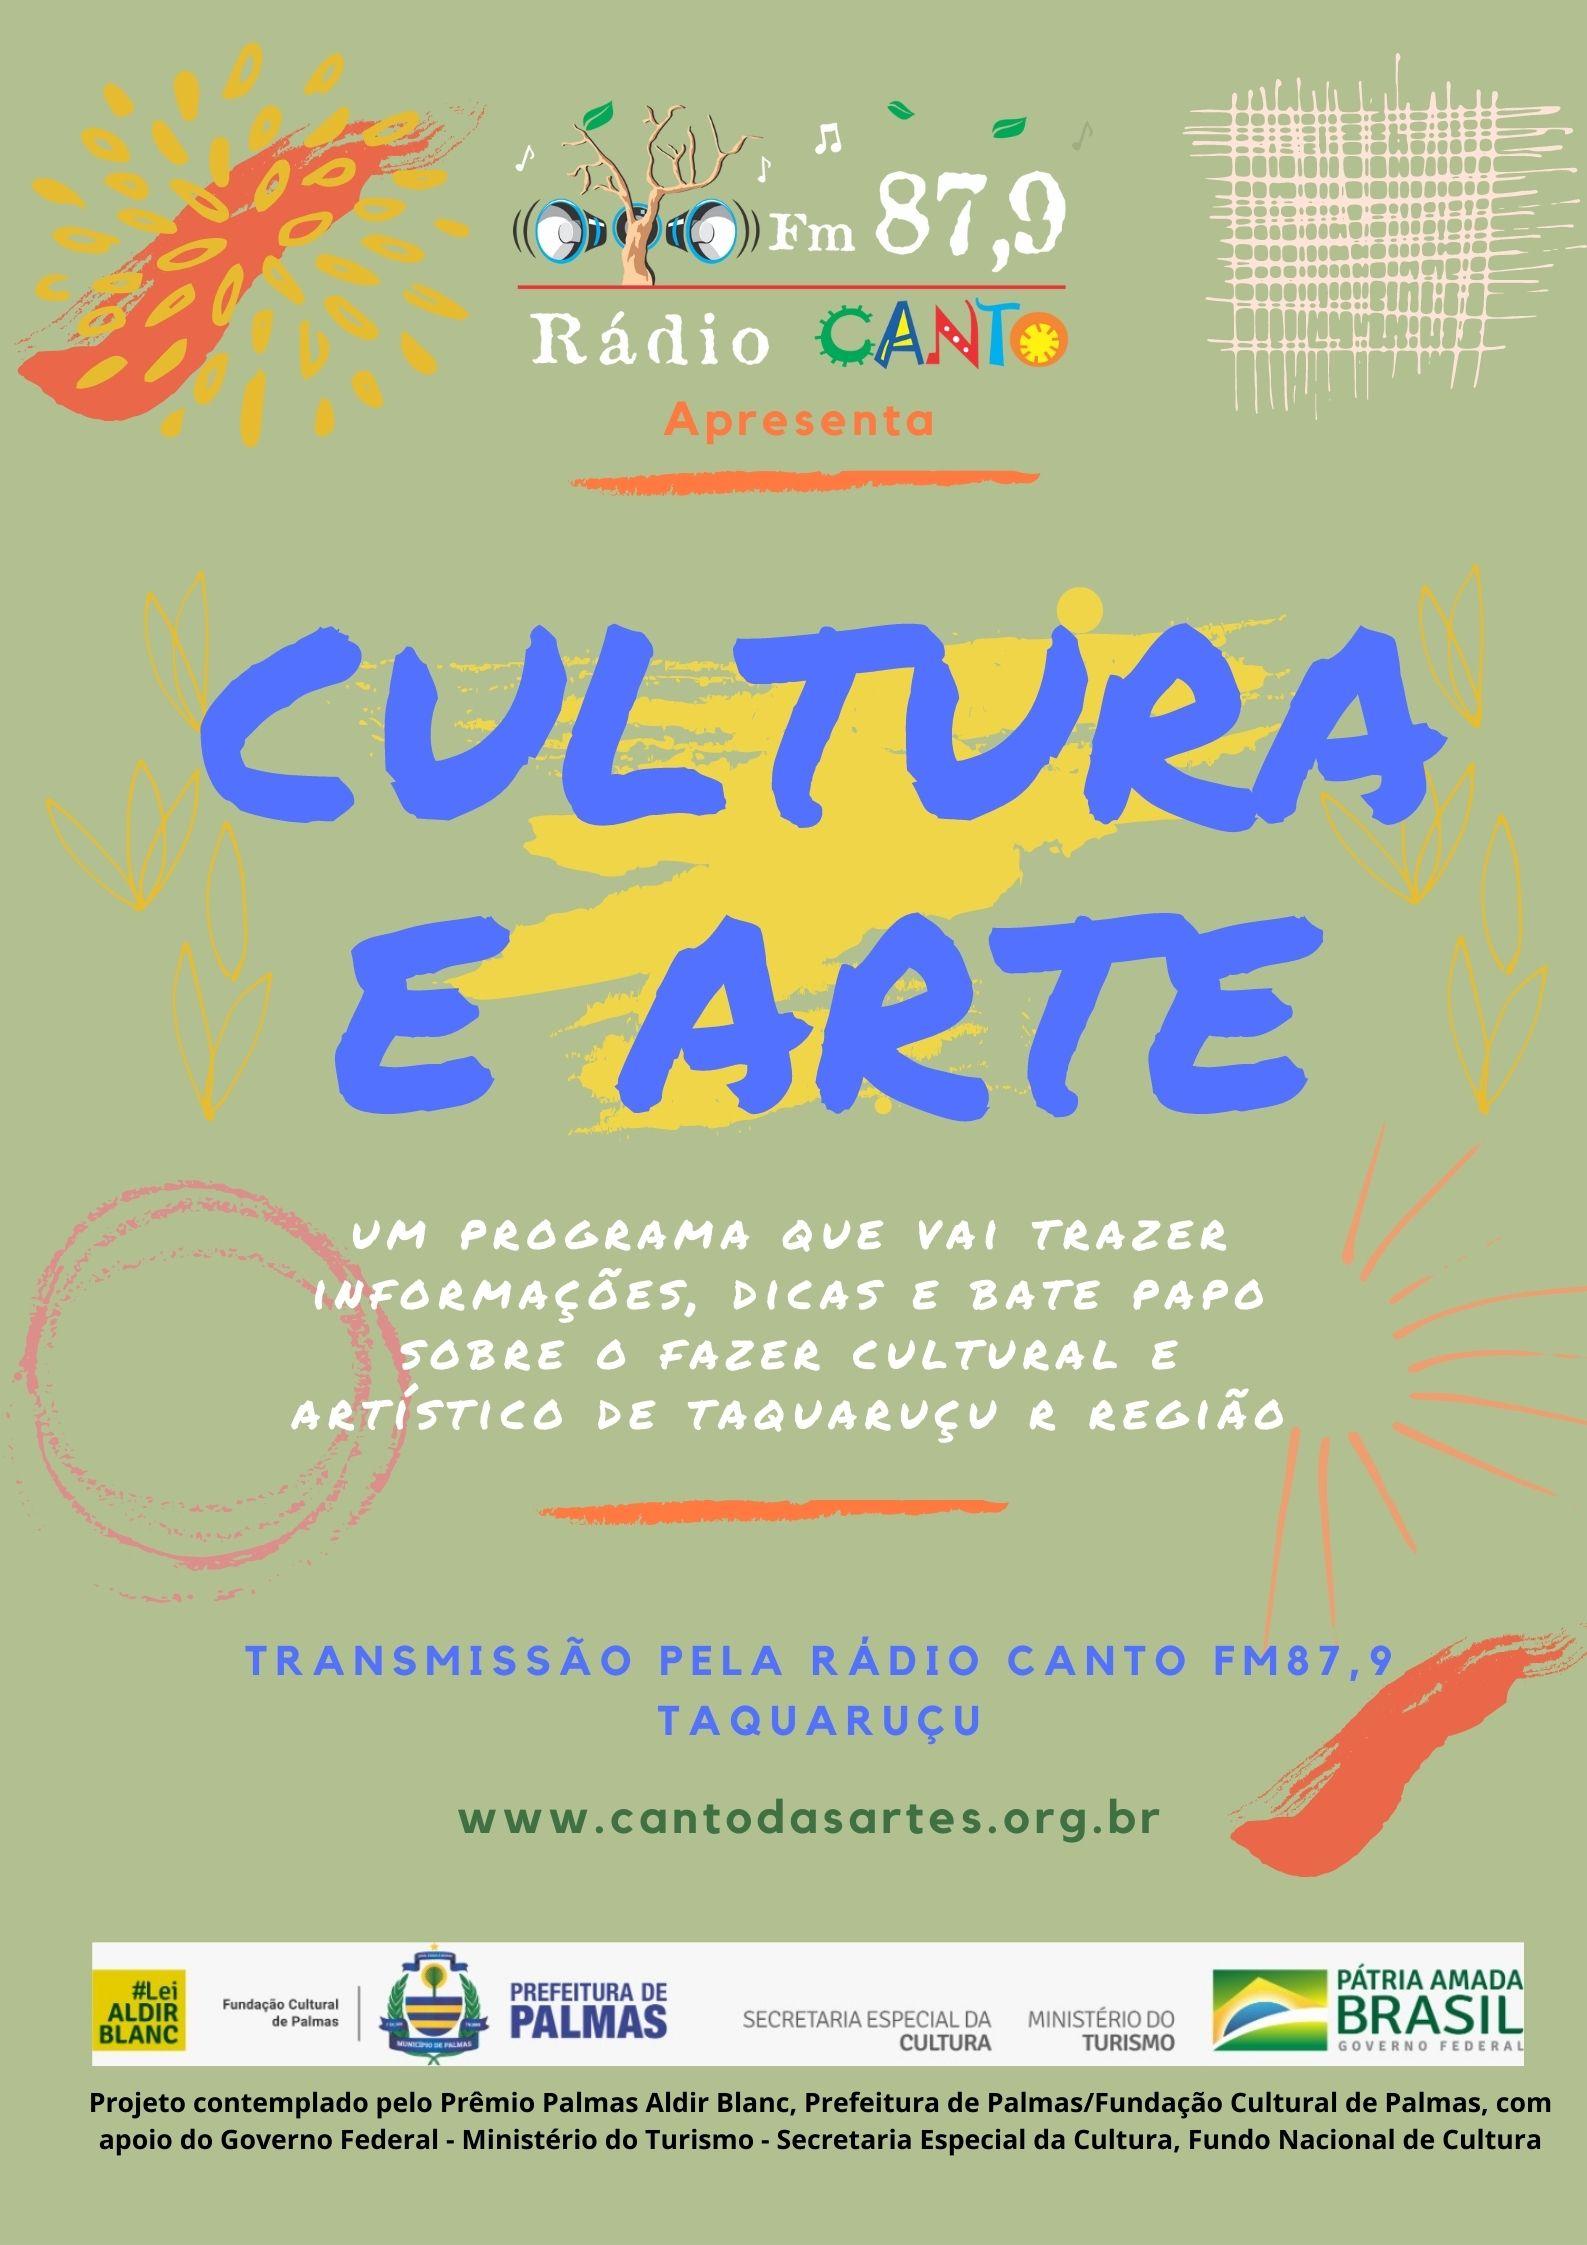 Rádio Canto FM estreia programa que vai trazer informações, dicas e bate papo sobre o fazer cultural e artístico de Taquaruçu e região.